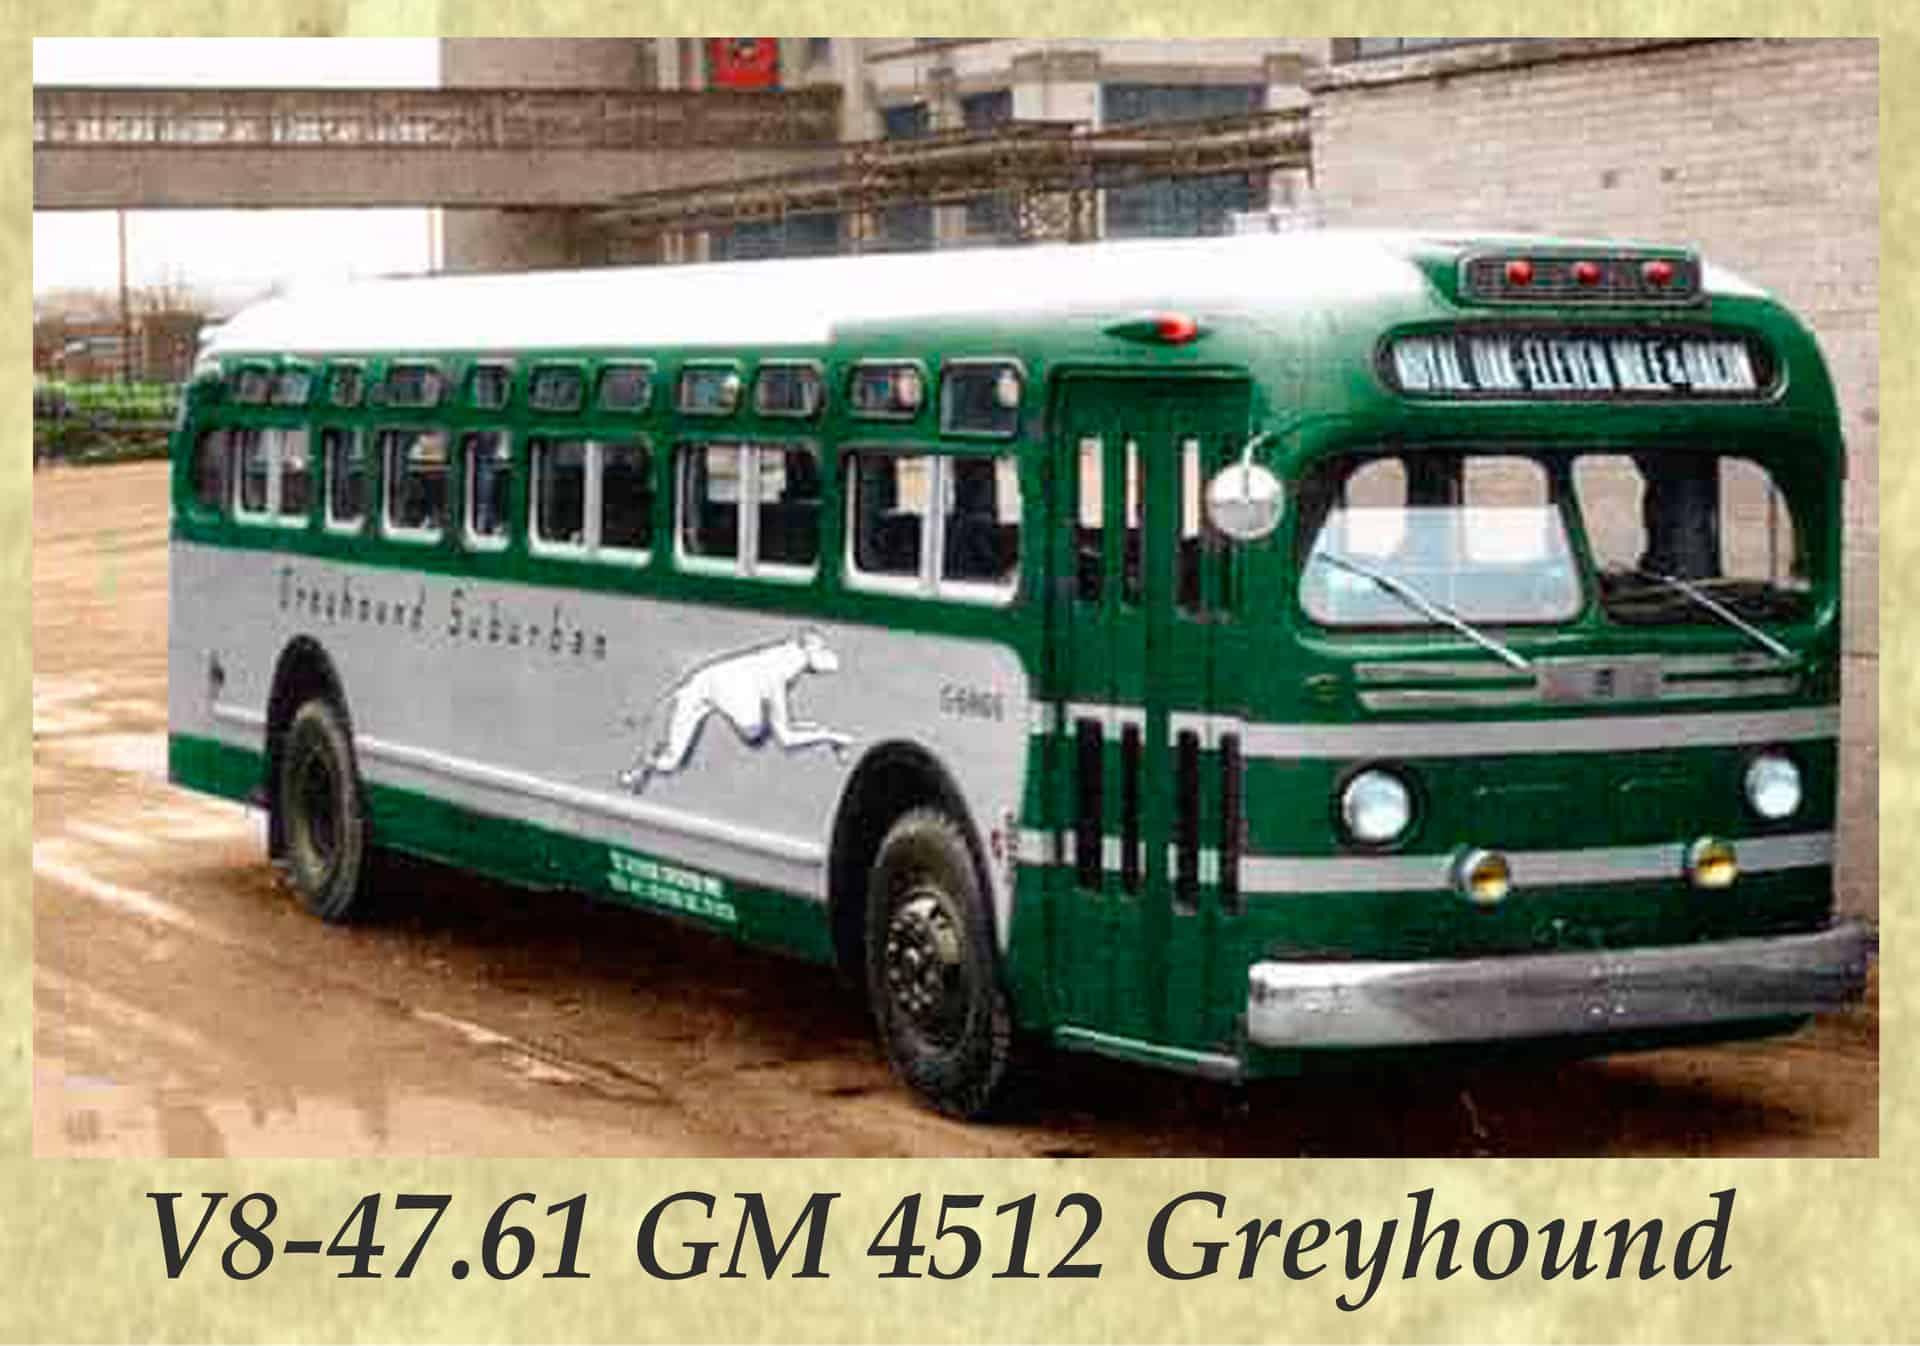 V8-47.61 GM 4512 Greyhound